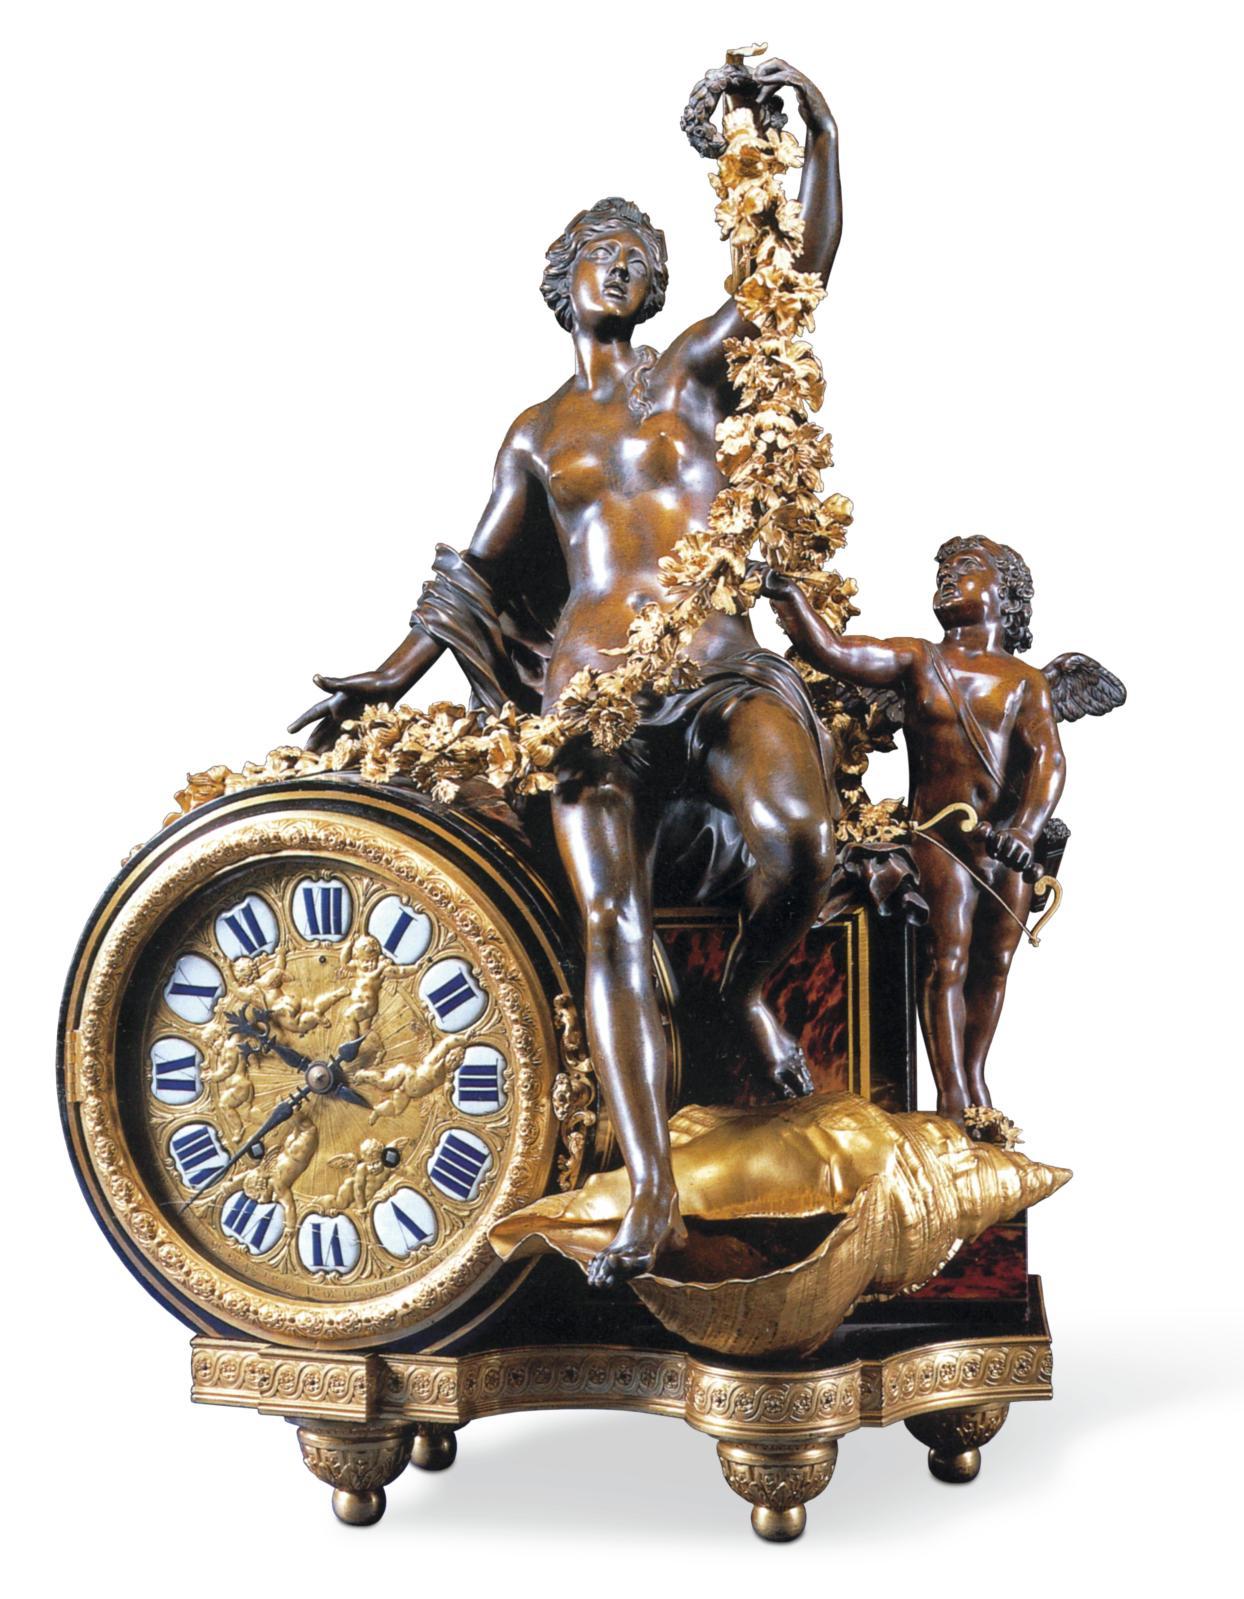 André Charles Boulle, Pendule à Vénus, vers 1715, mouvement de Jacques III Thuret à Paris, bronze doré et bronze à patine brune, 90 x 55 x 43 cm, coll